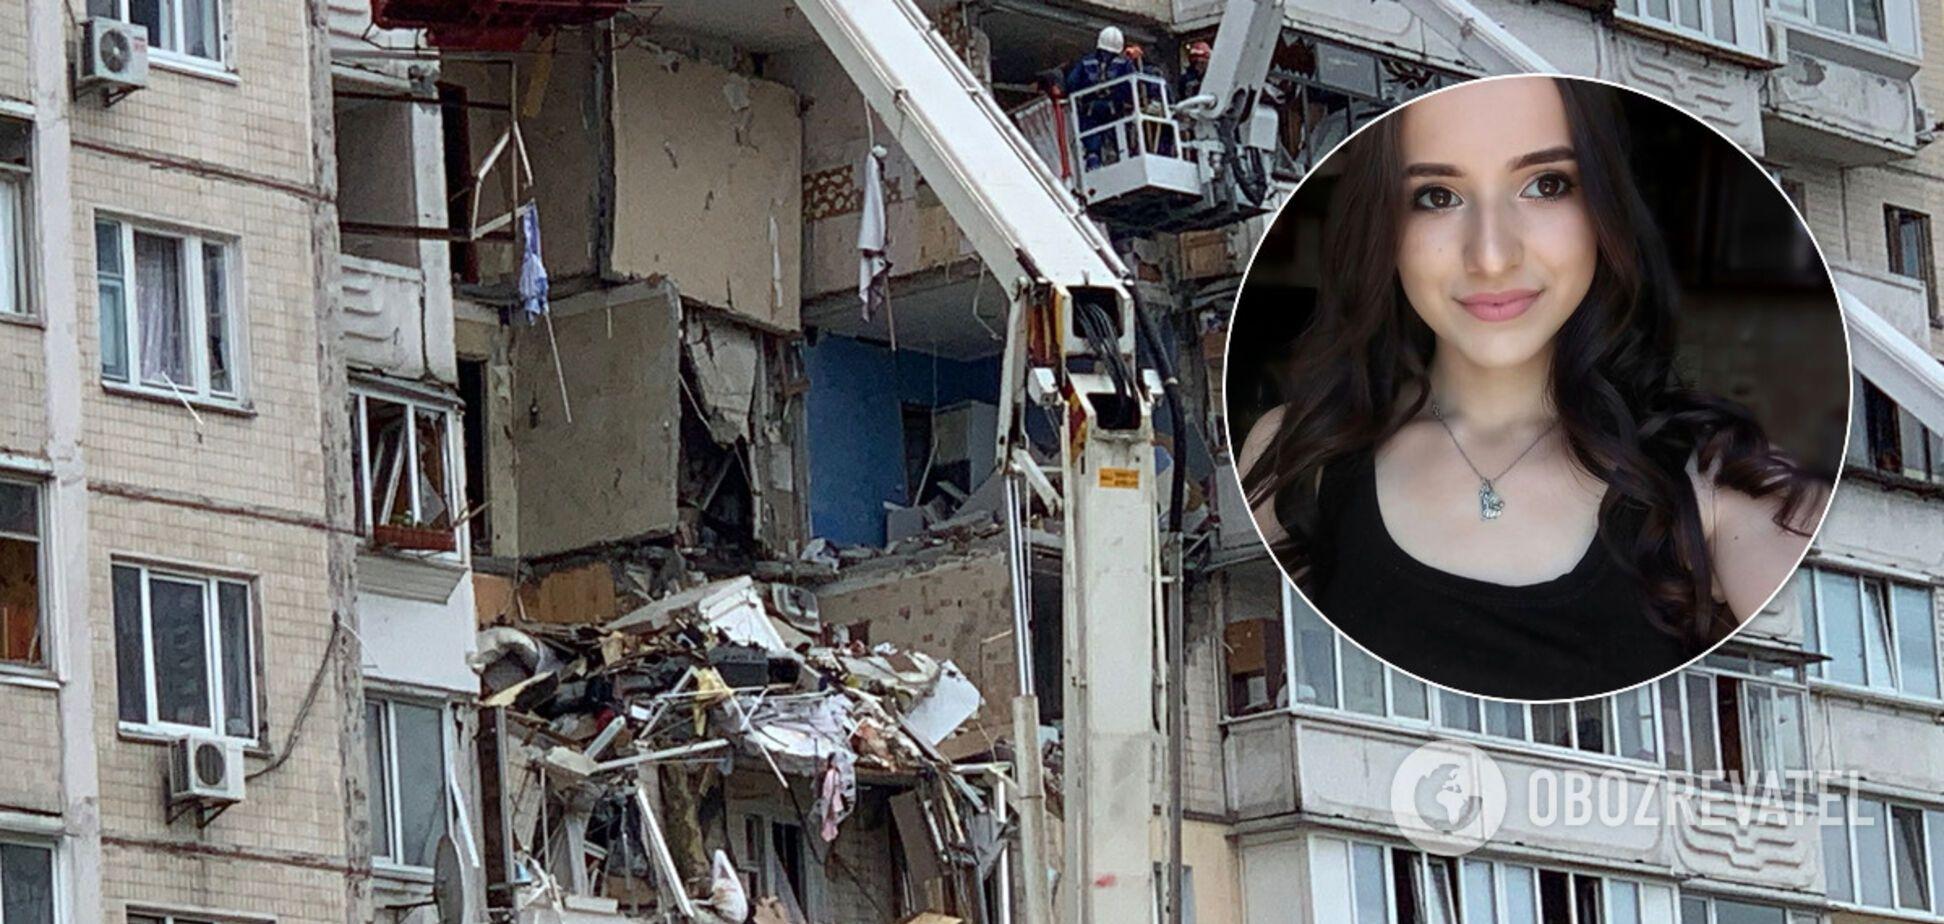 Чудом выжила во время взрыва в доме, но потеряла всю семью. История 18-летней киевлянки